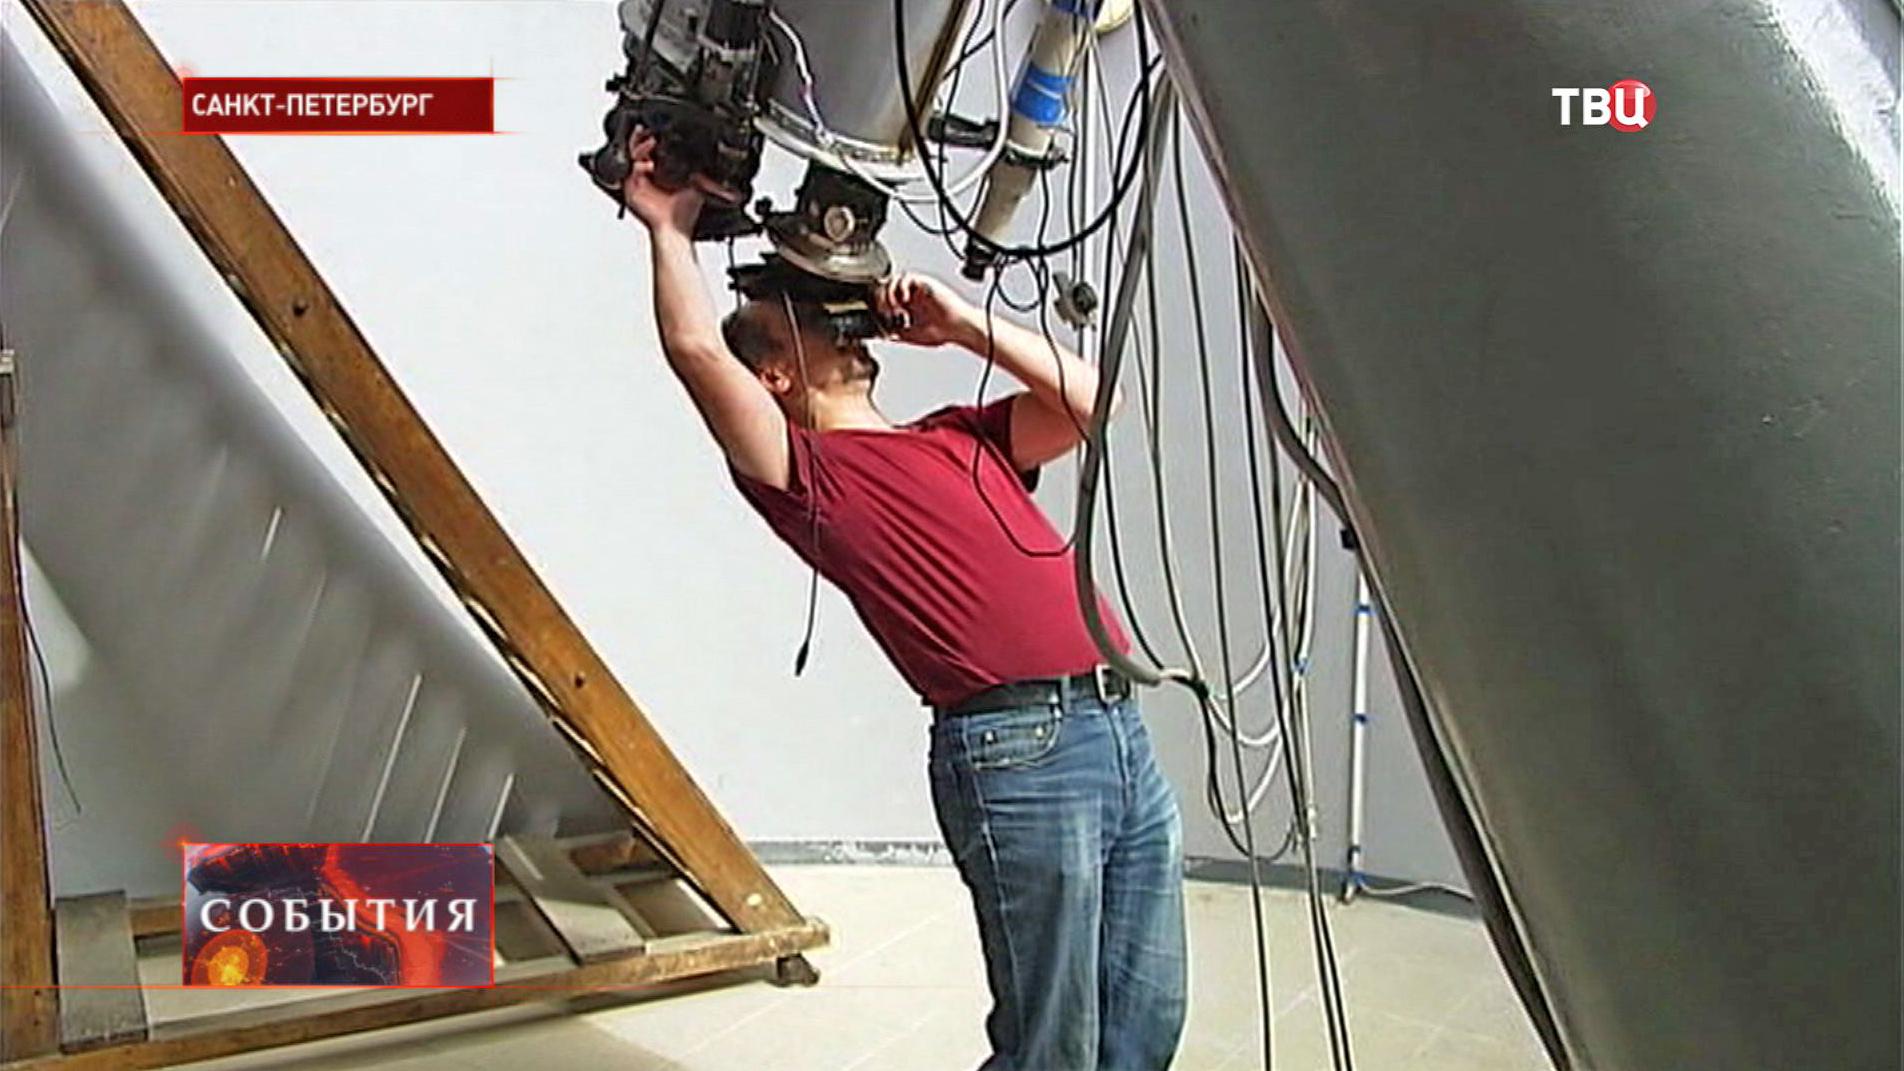 Работники Пулковскоской обсерватории